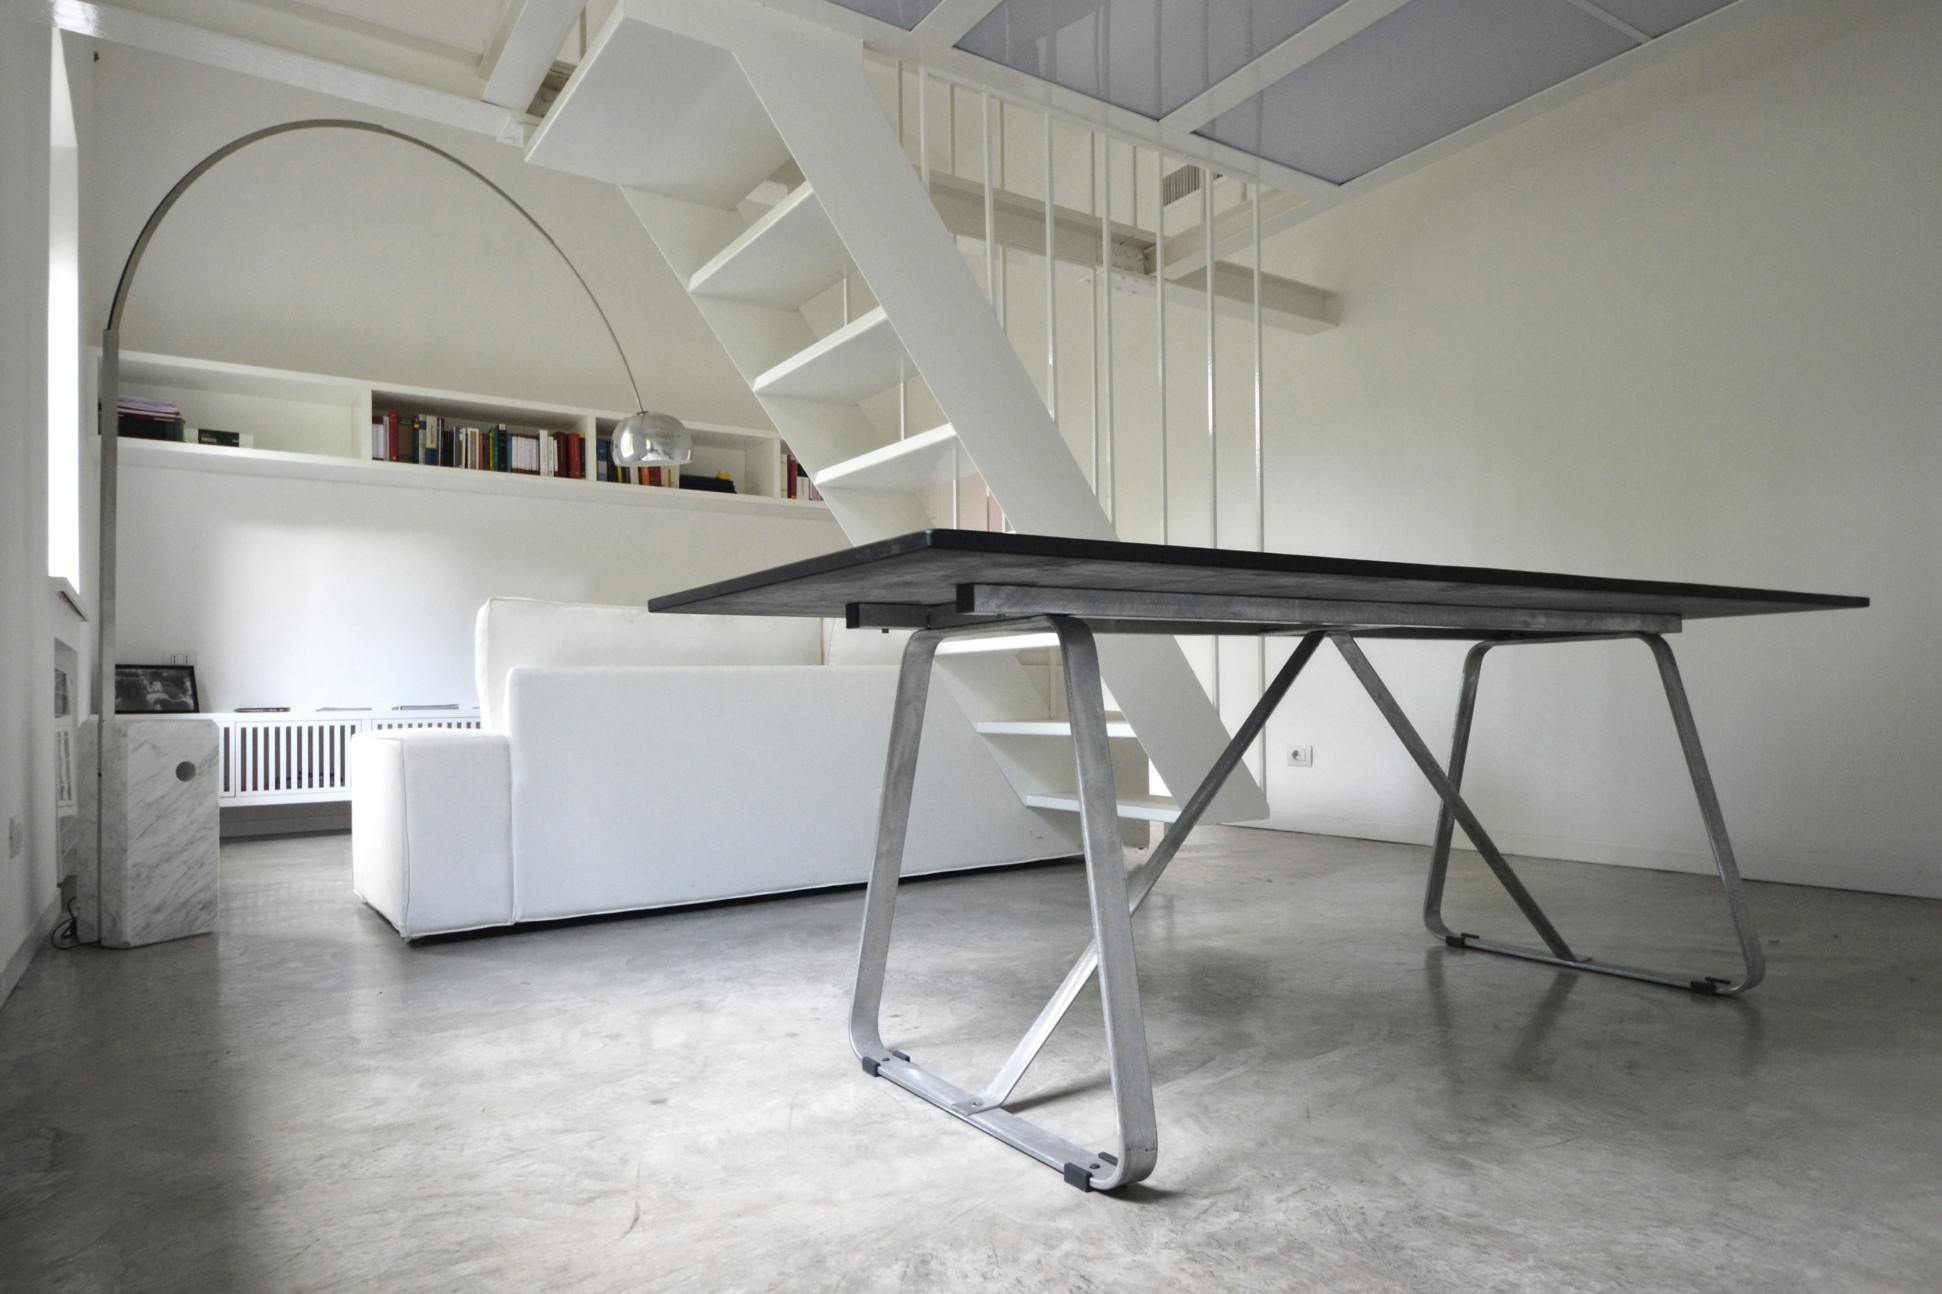 LAD - laboratorio di architettura e Design: HOME